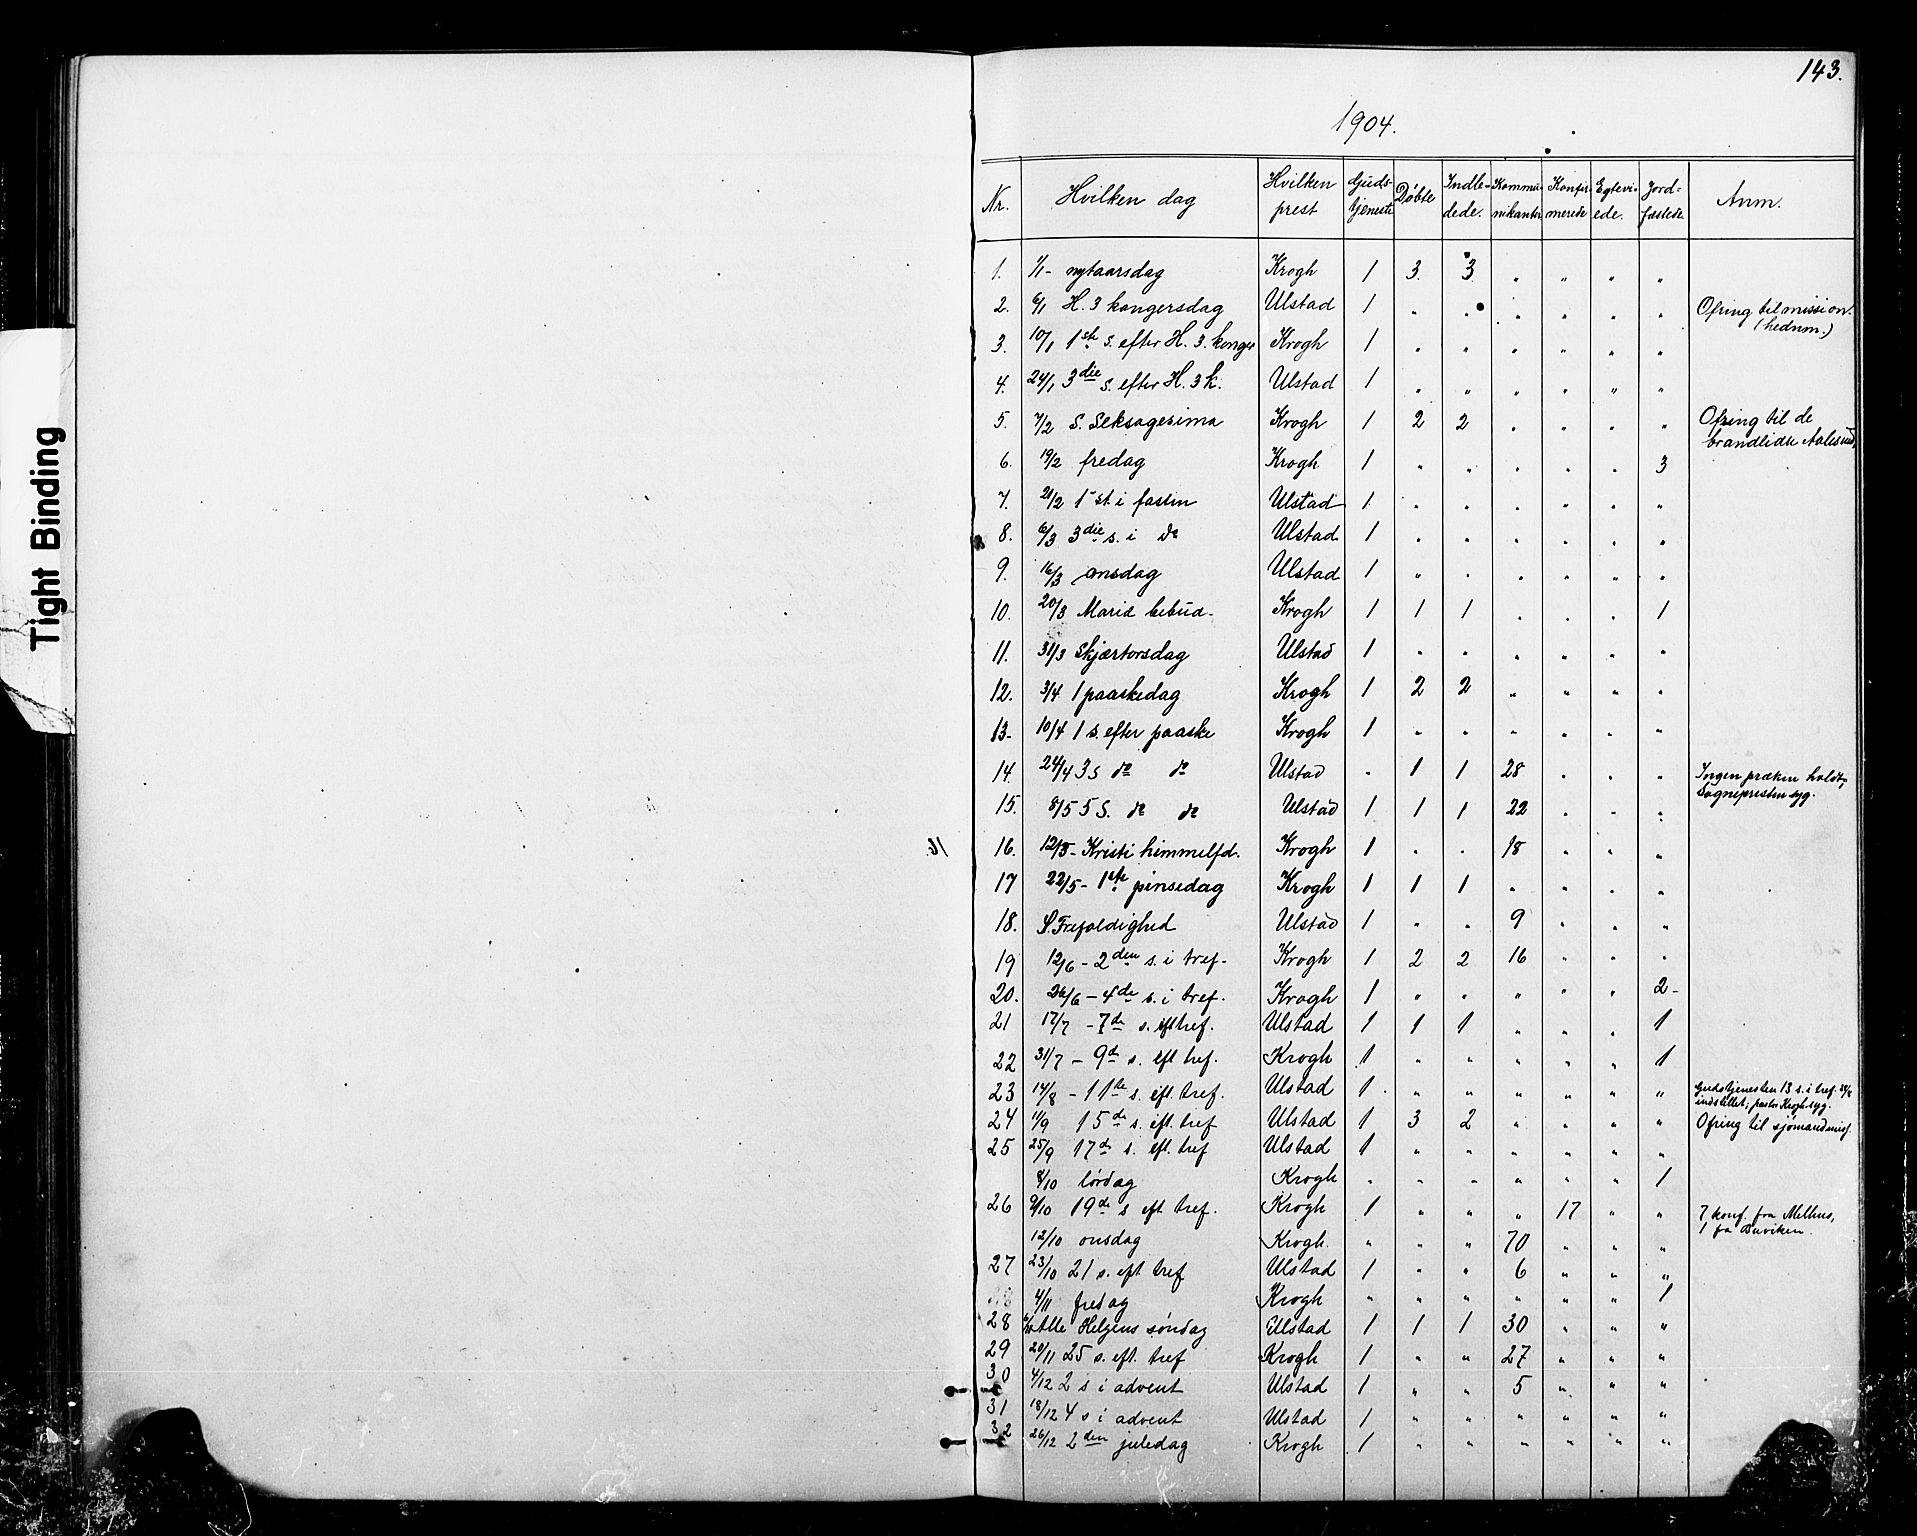 SAT, Ministerialprotokoller, klokkerbøker og fødselsregistre - Sør-Trøndelag, 693/L1123: Klokkerbok nr. 693C04, 1887-1910, s. 143